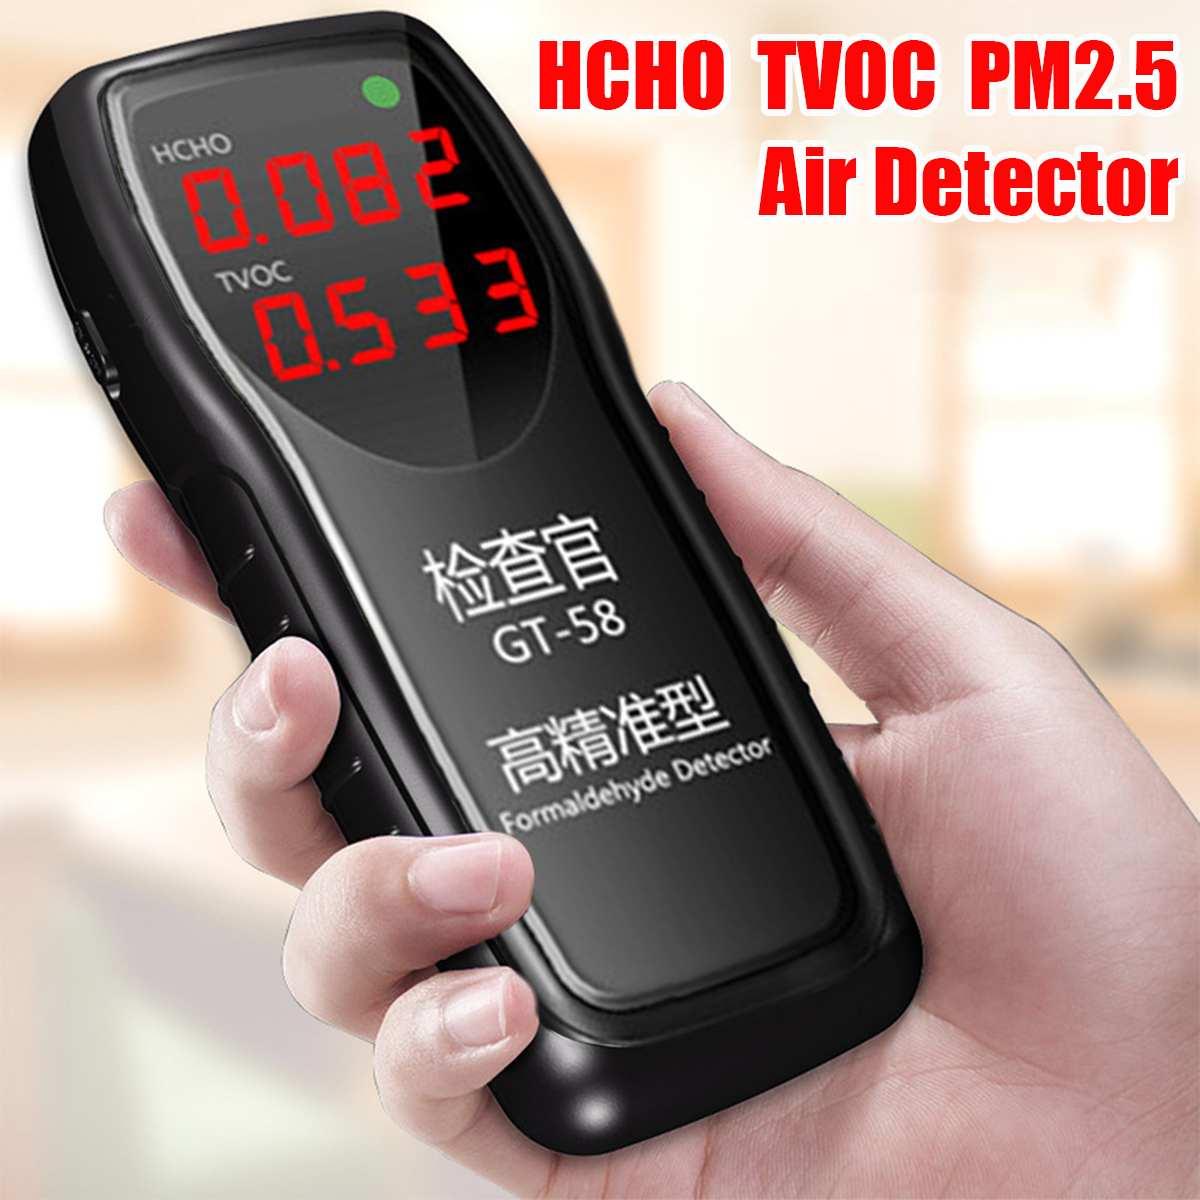 Gt58 Professionelle Digitale Formaldehyd Detektor Luft Qualität Monitor Tester Hcho Tvoc Pm2.5 Meter Hause Luft Test Analysatoren Delikatessen Von Allen Geliebt Werkzeuge